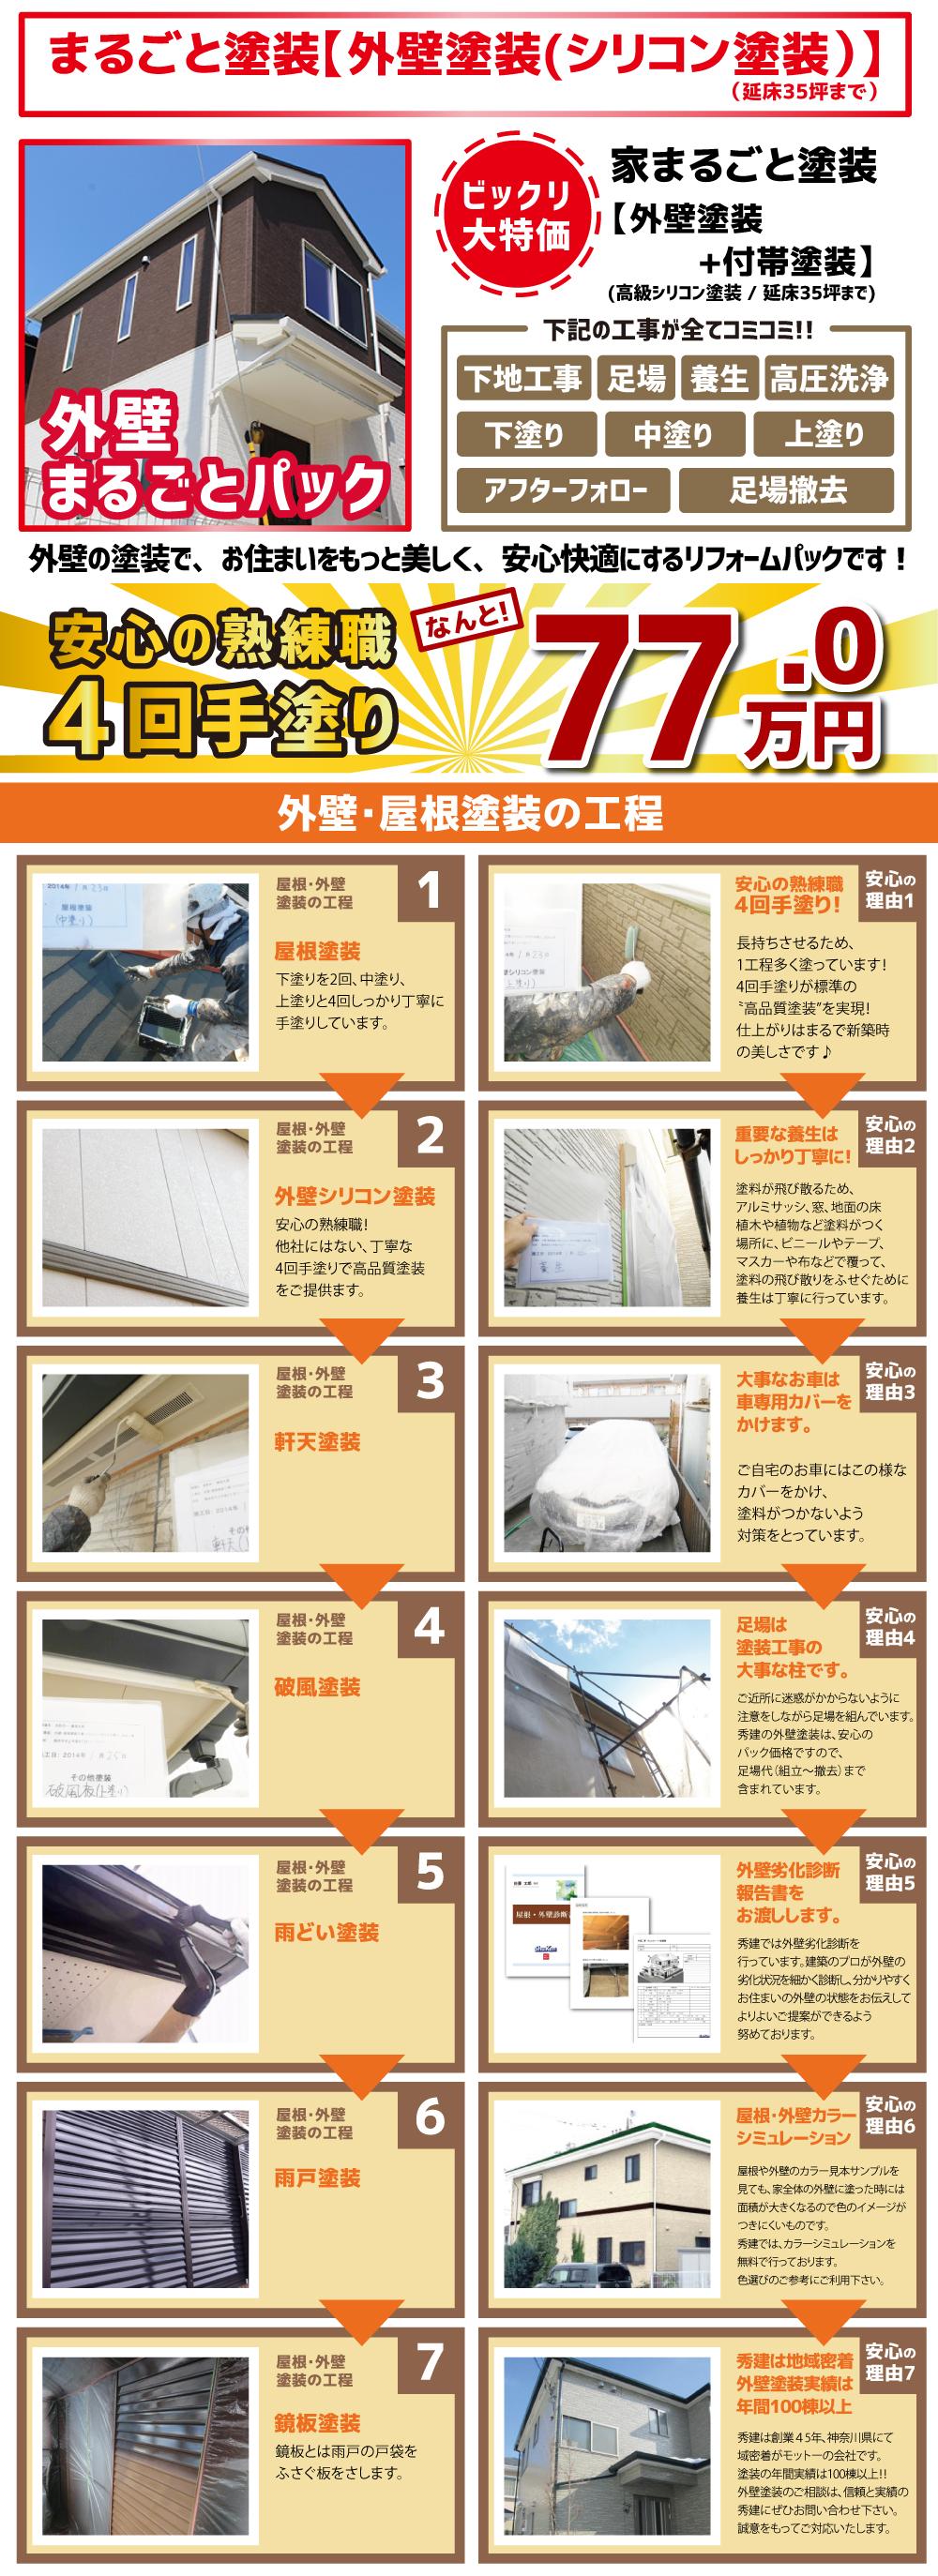 外壁塗装の問い合わせから工事までの流れを丁寧に説明いたします。